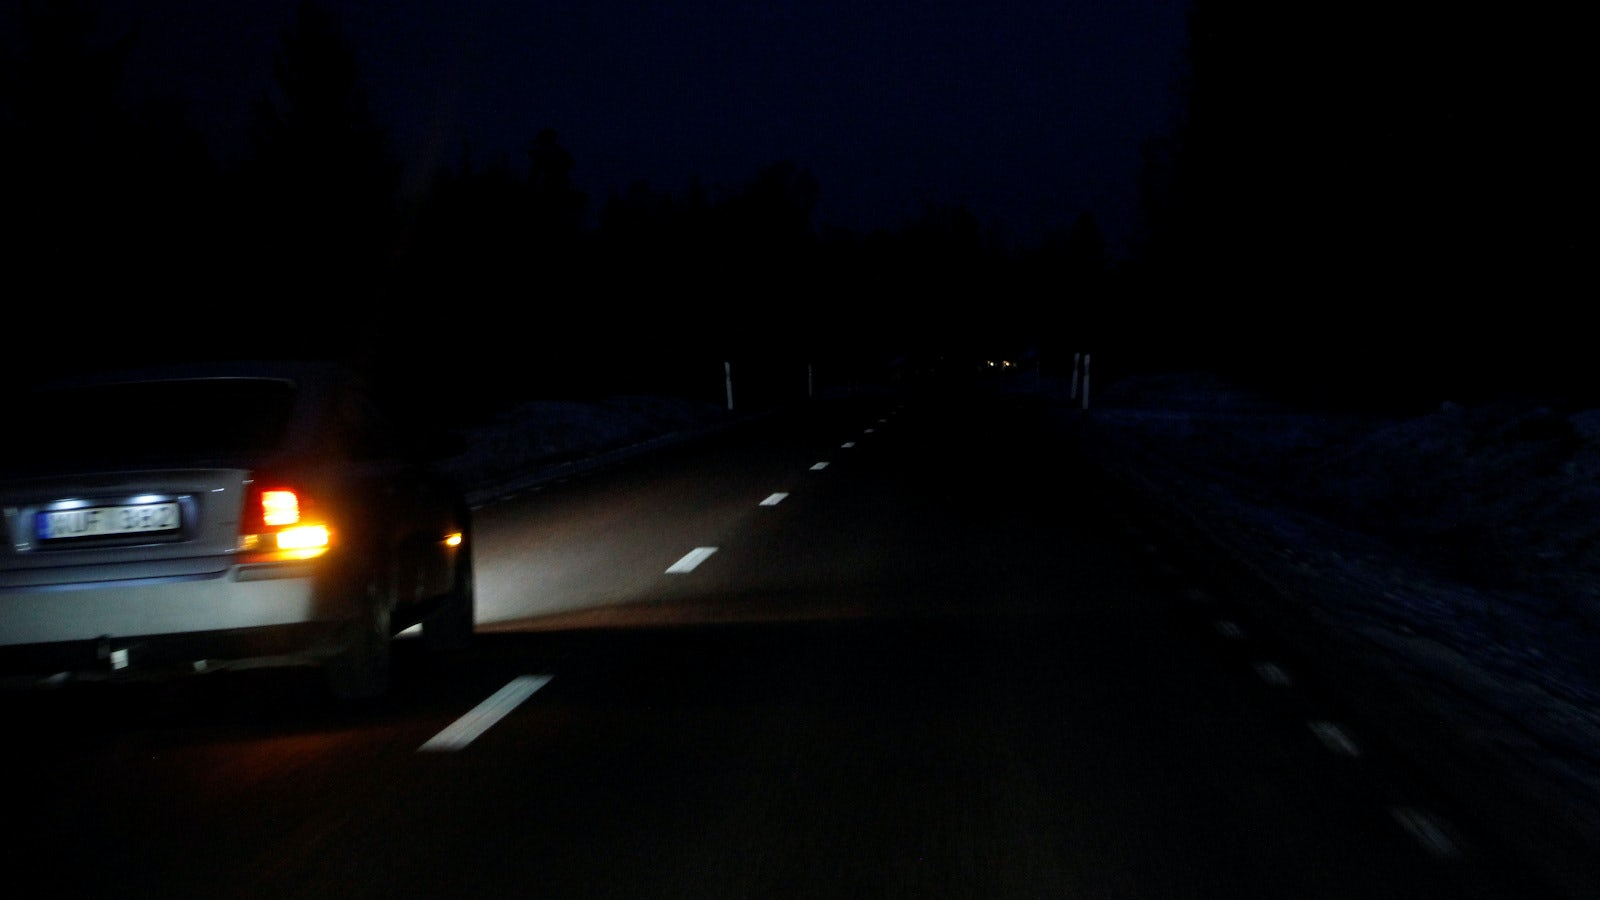 Bil som gör en omkörning på natten.